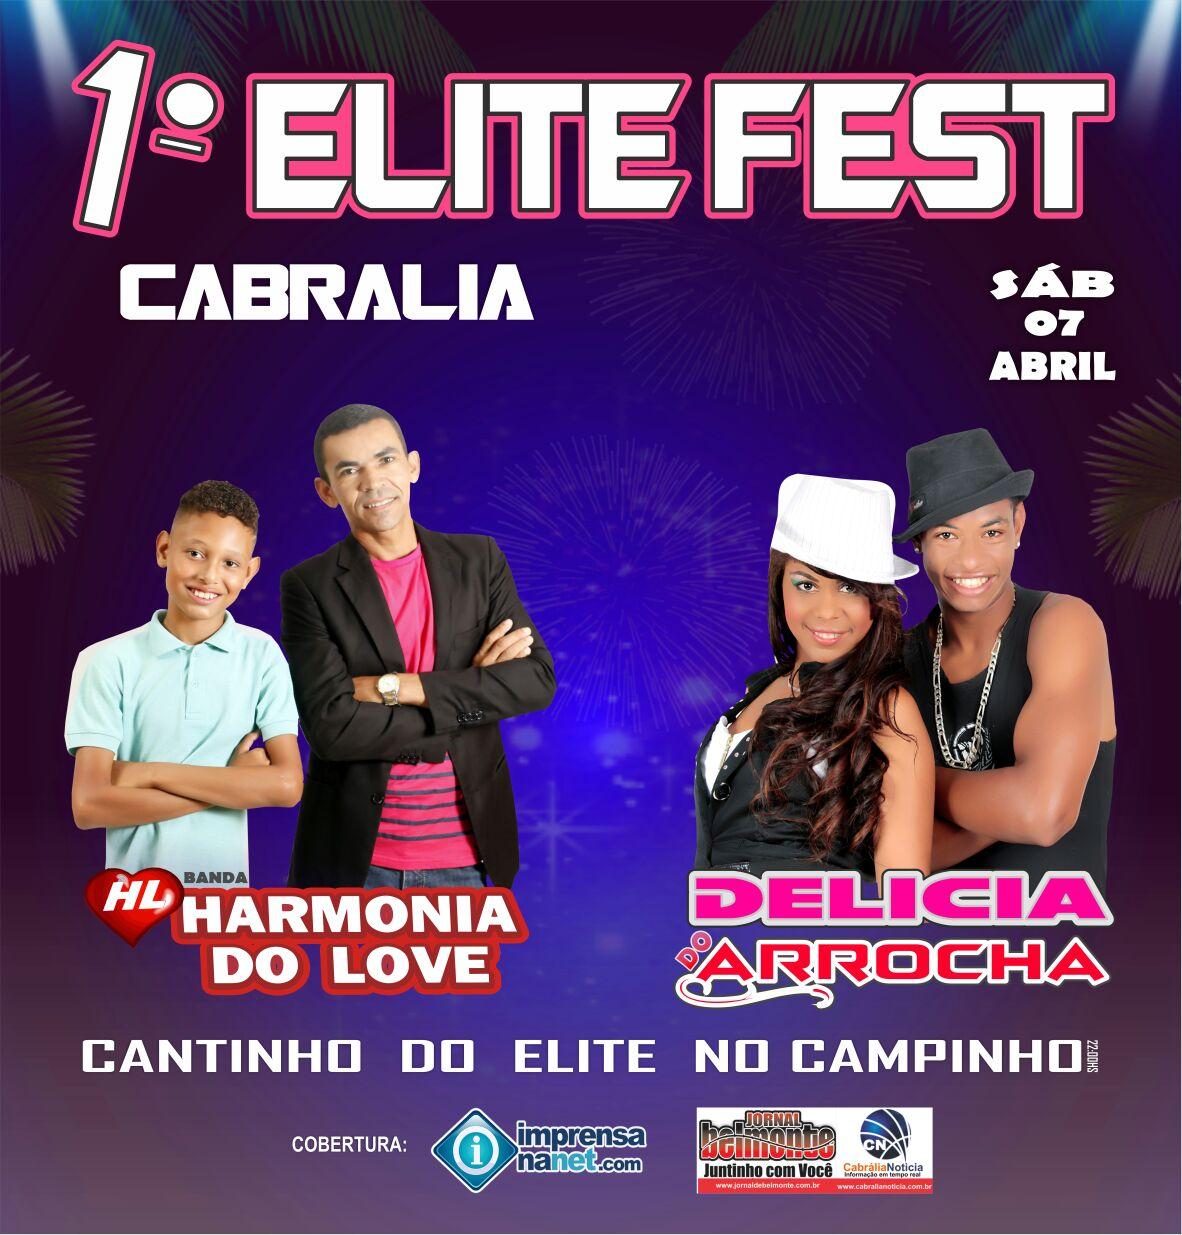 1º ELITE FEST DE CABRÁLIA